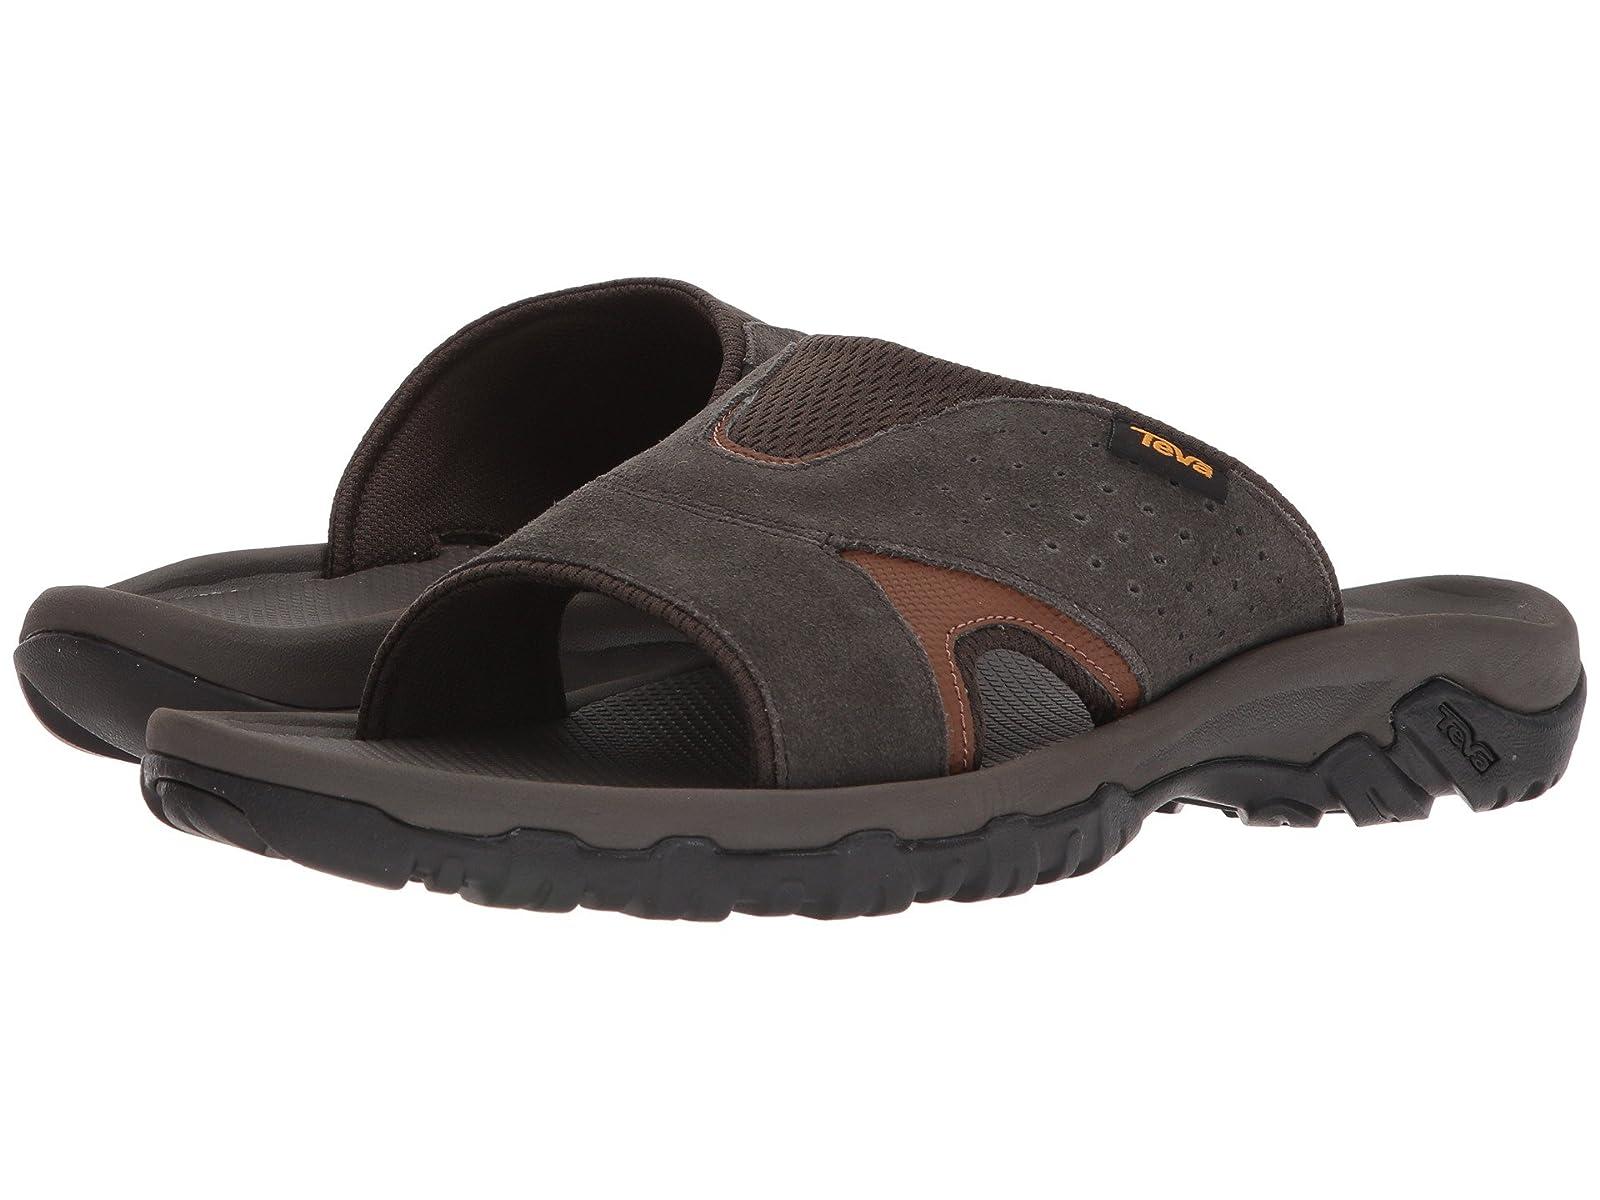 Teva Katavi 2 SlideAtmospheric grades have affordable shoes